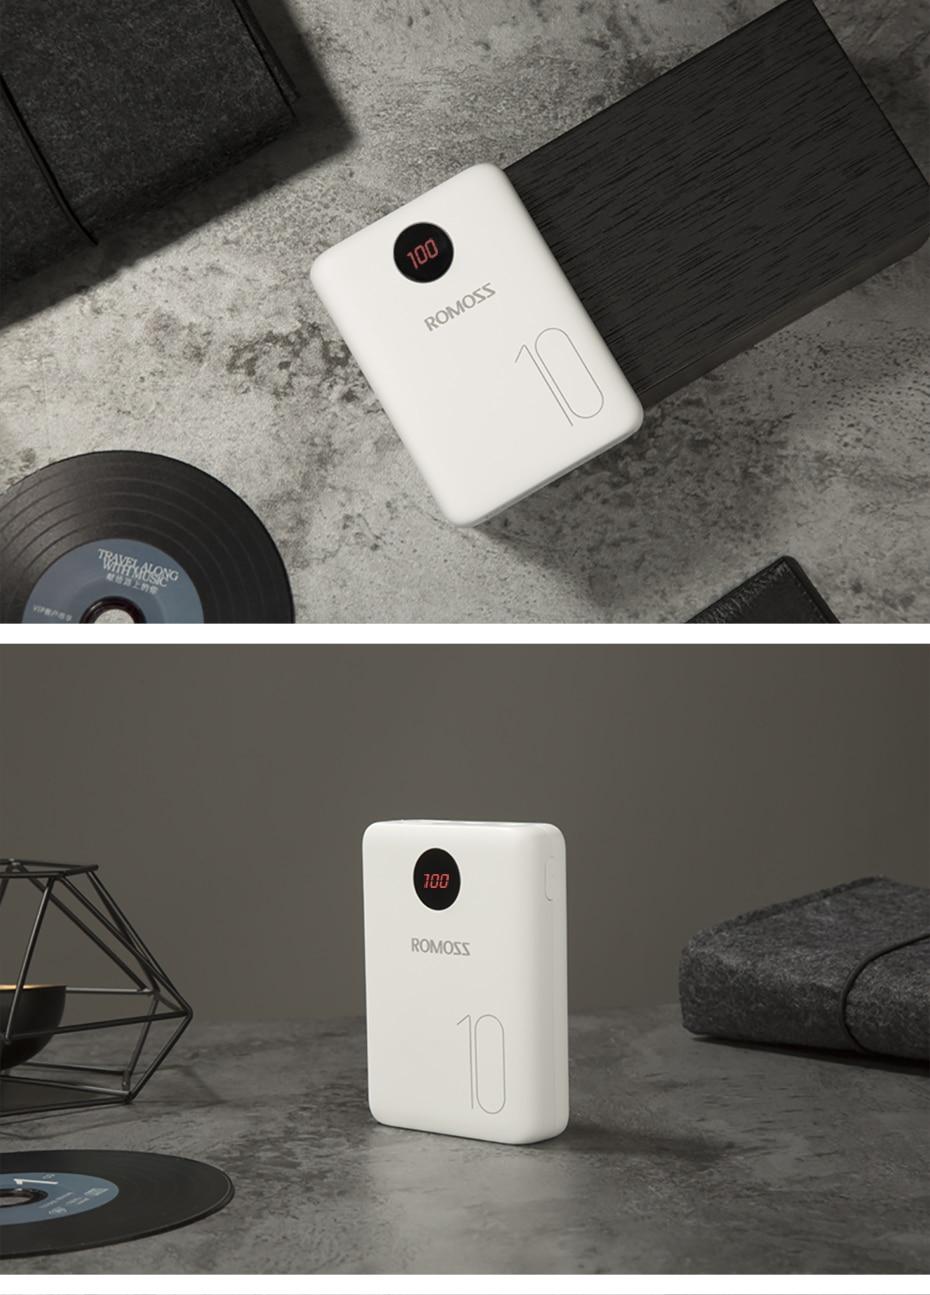 ROMOSS OM10 10000 мАч Внешний аккумулятор с двойным usb-портом, внешний аккумулятор, размер для путешествий, портативное зарядное устройство для планшета iPhone